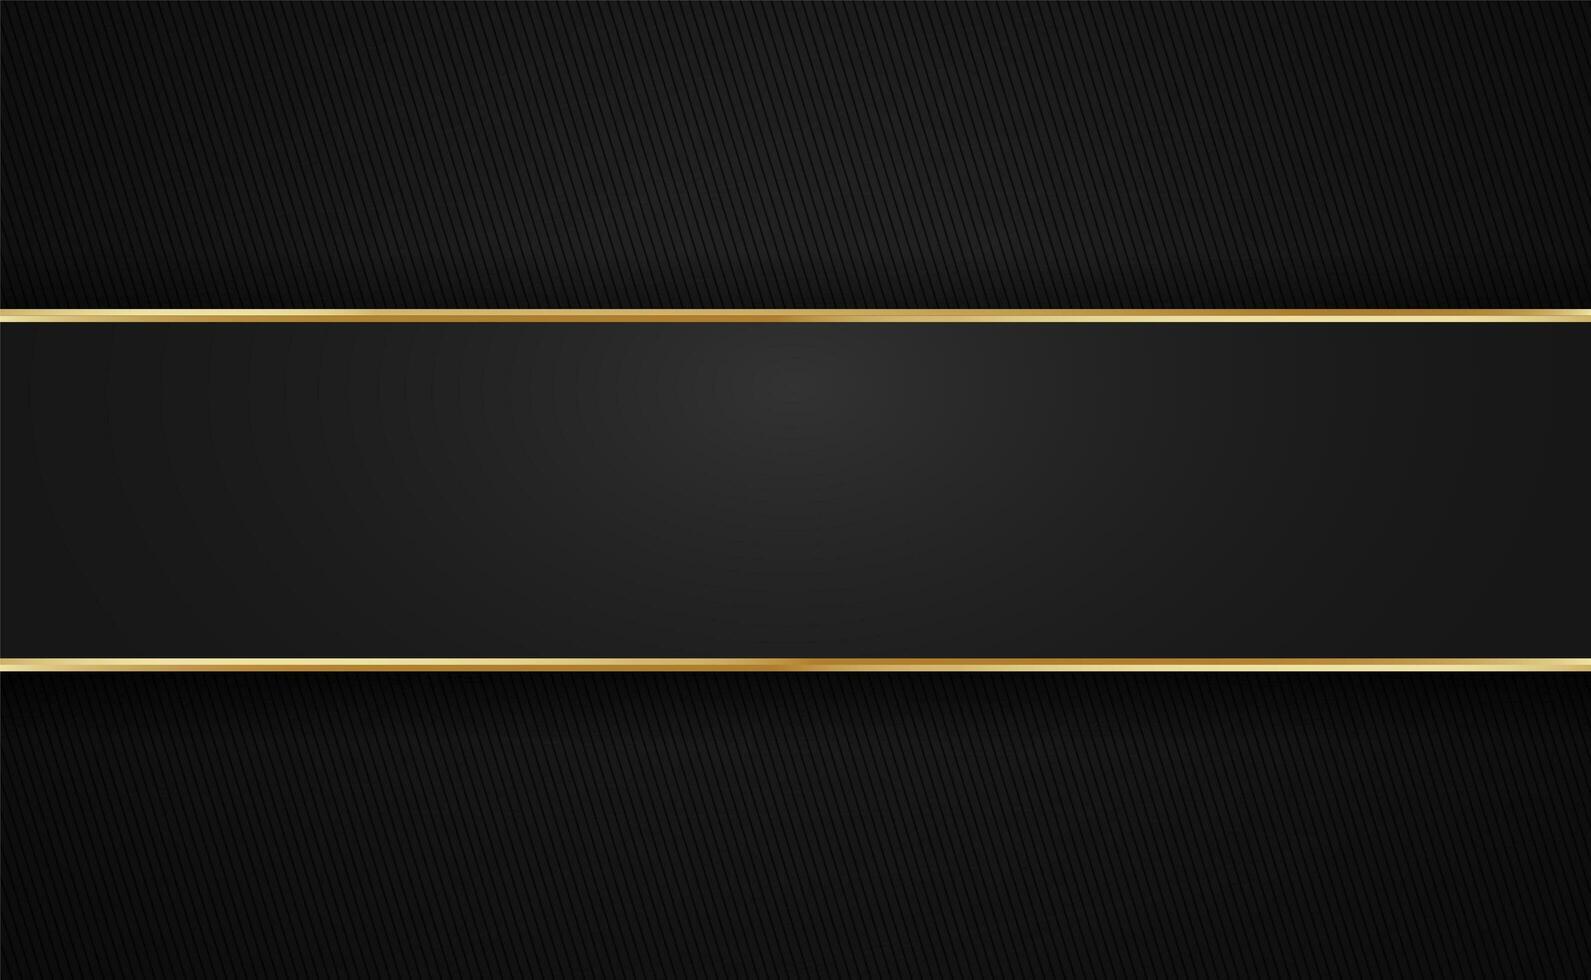 gyllene rand kantar med mörka vinklade ränder vektor